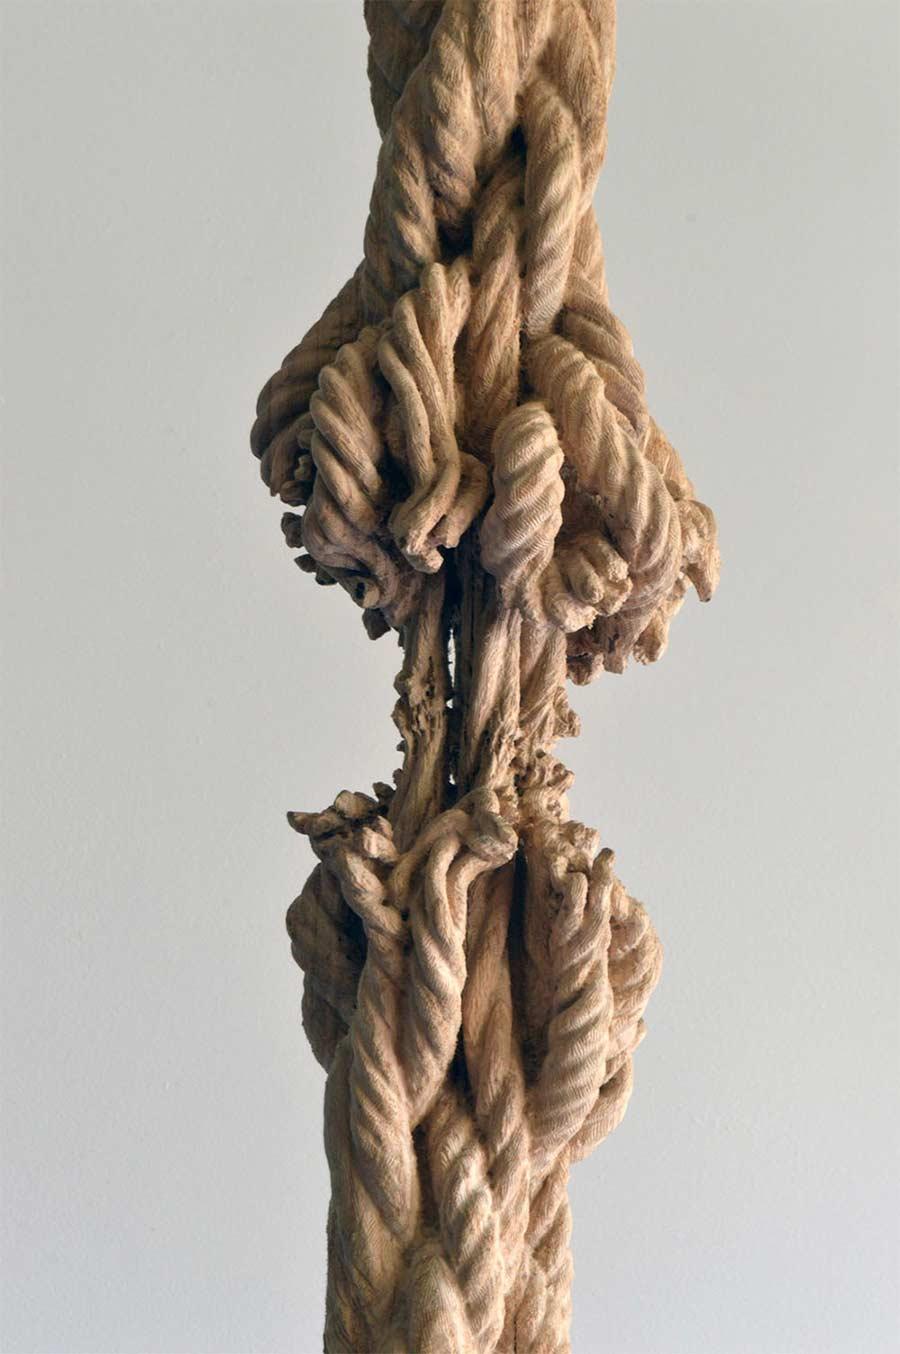 Dieser Baumstamm hängt am hölzernen Faden schrodingers-wood_04